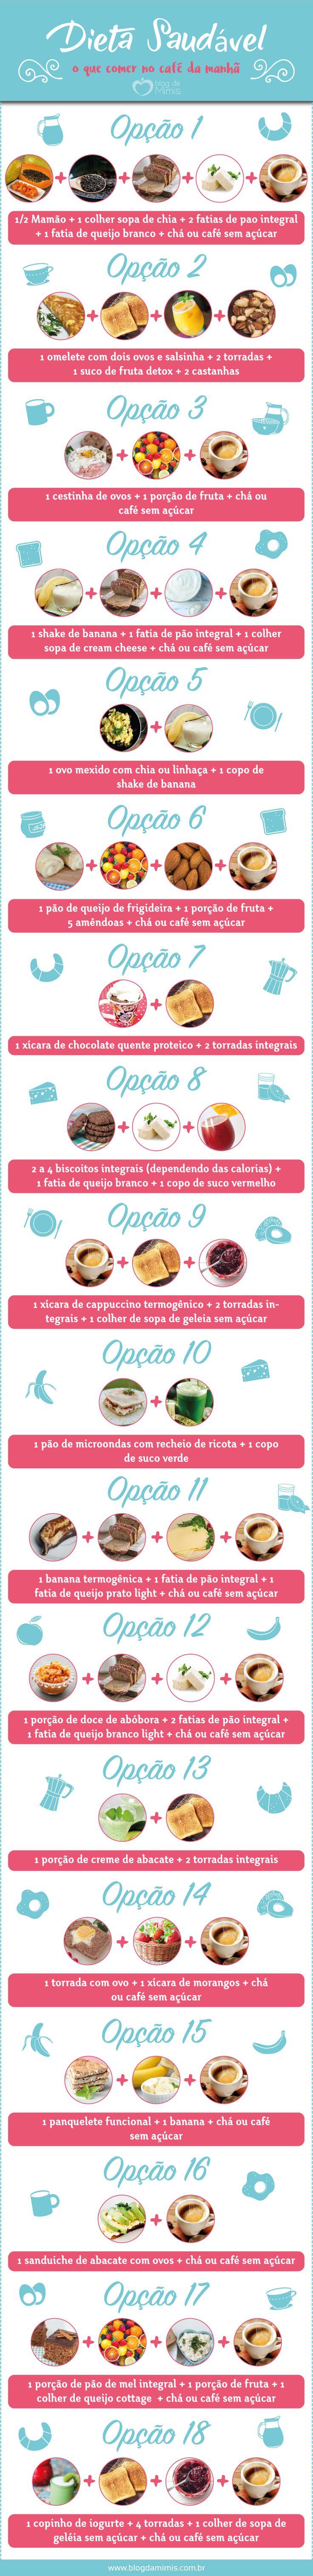 Dieta saudável: o que comer no café da manhã - Blog da Mimis #emagrecer #dieta #cardápio #cafédamanhã #breakfast #diet #menu #loseweight